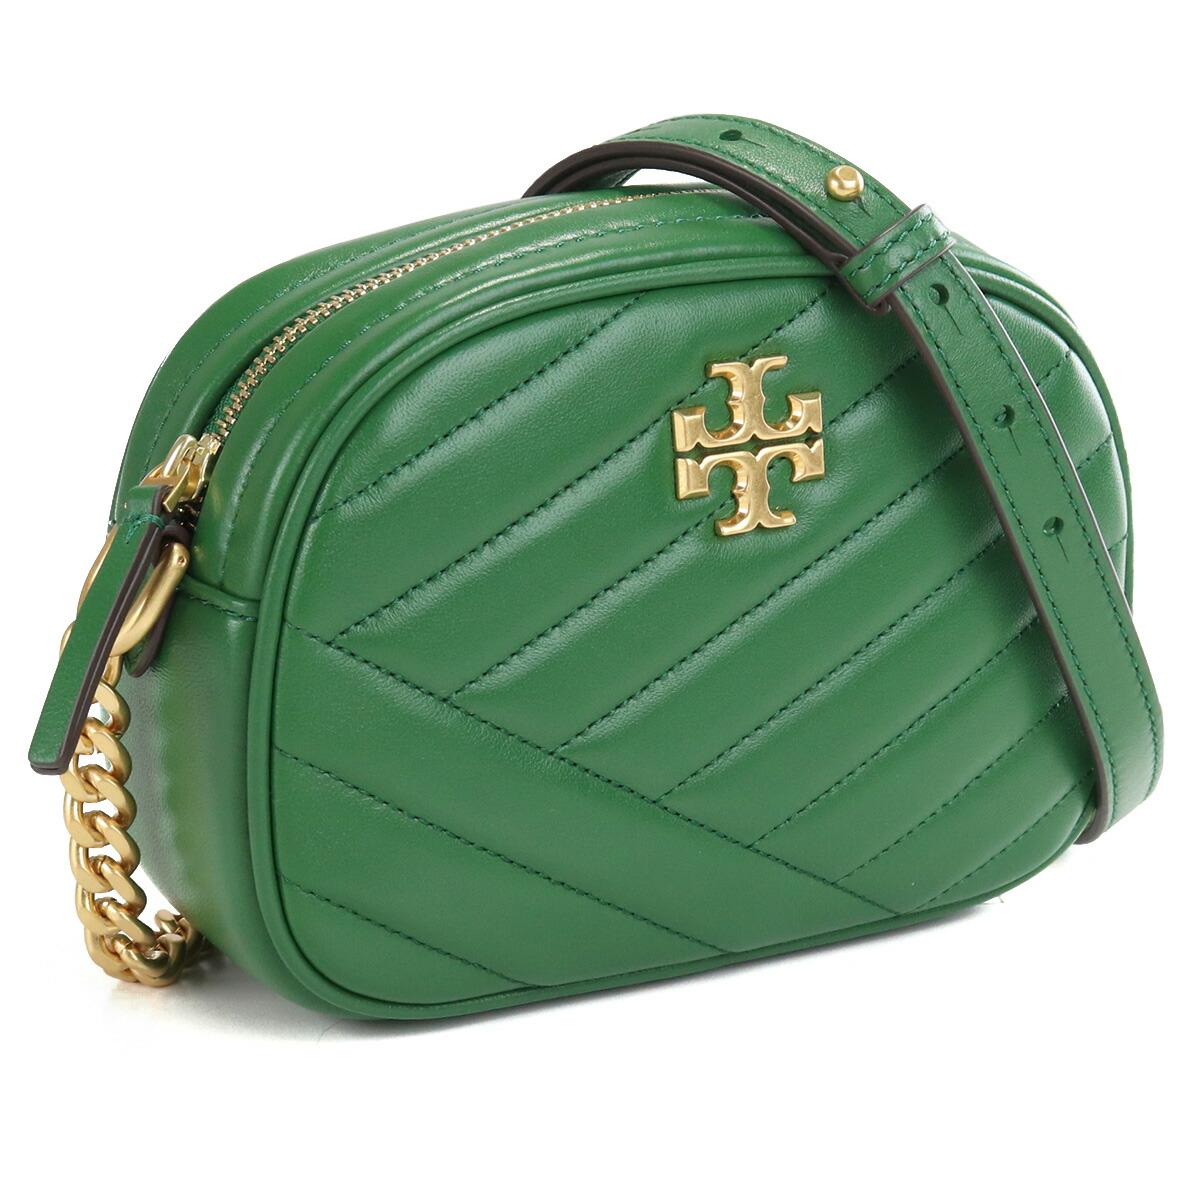 トリーバーチ TORY BURCH KIRA CHEVRON QUILT 斜め掛け ショルダーバッグ ブランドバッグ ブランドショルダーバッグ 60227 367 ARUGULA グリーン系 bag-01